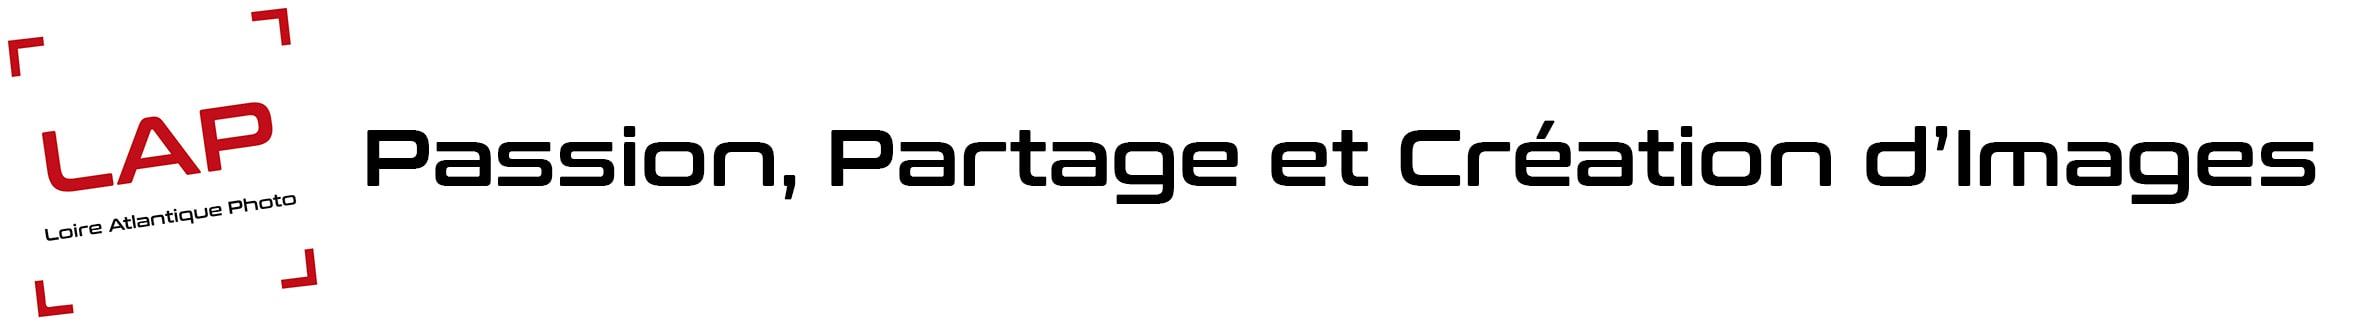 Loire-Atlantique Photo. Expo. Organisation et Promotion d'événements photographiques